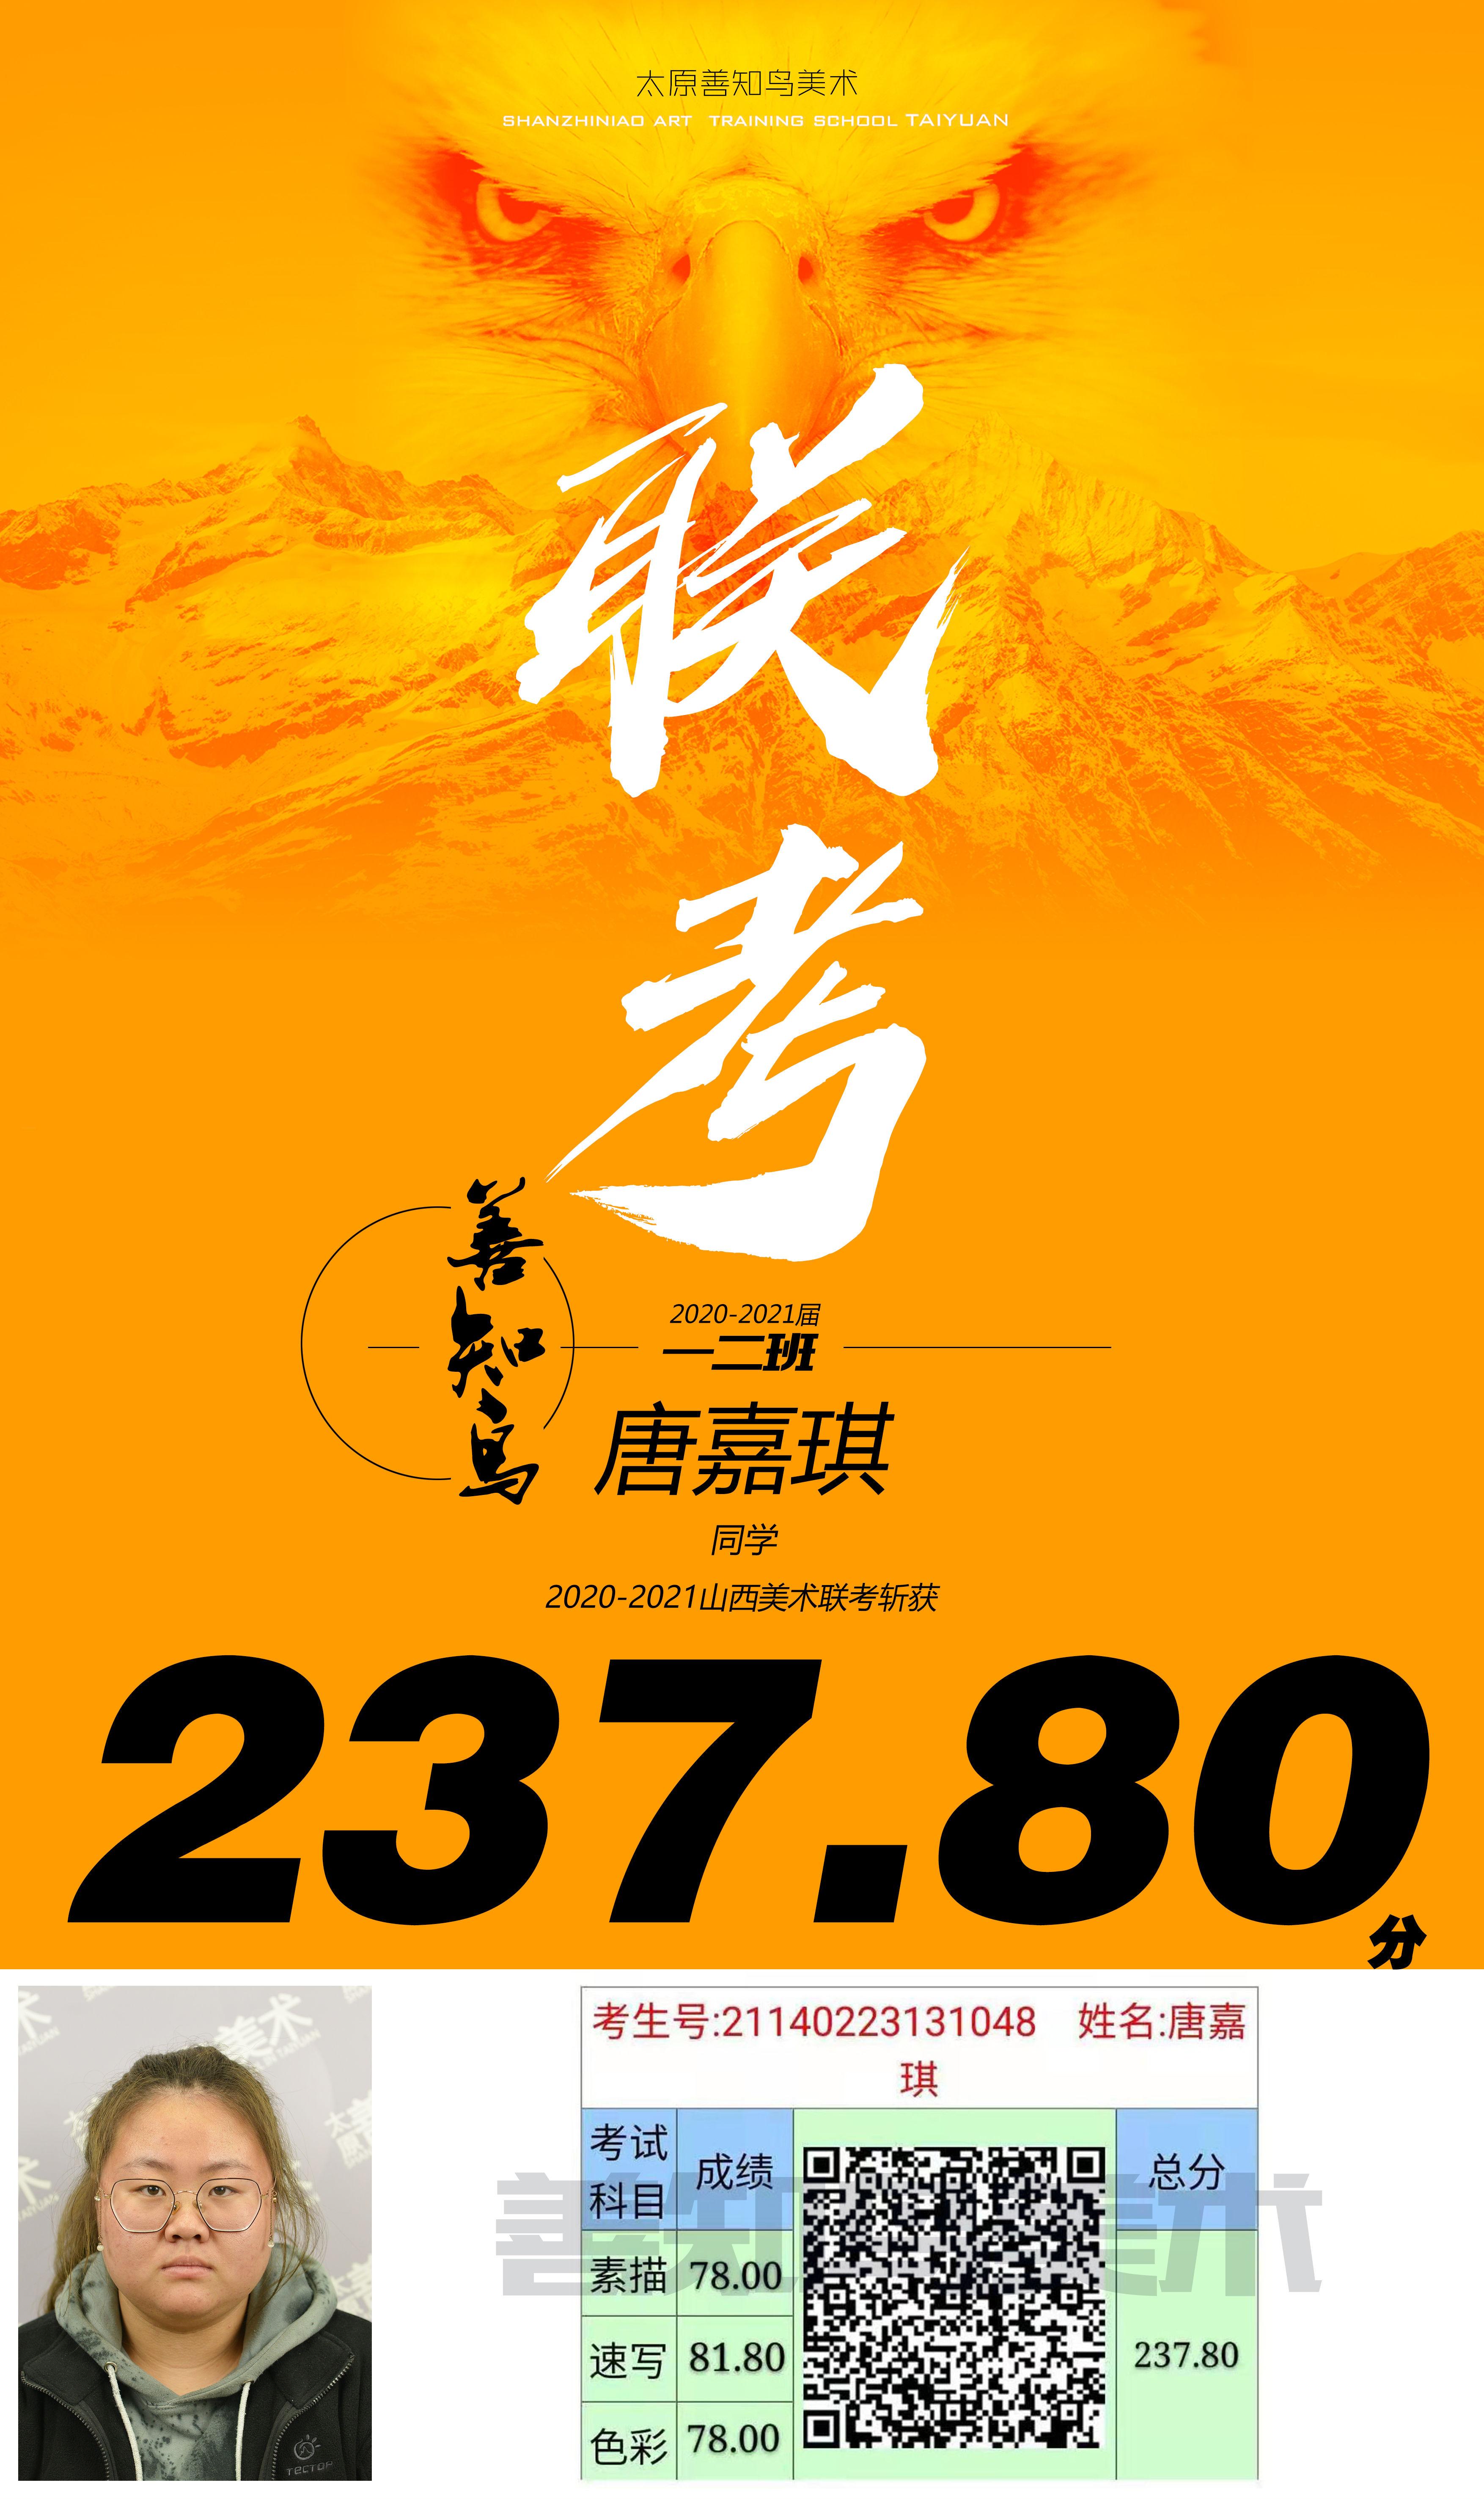 237.80唐嘉琪.jpg